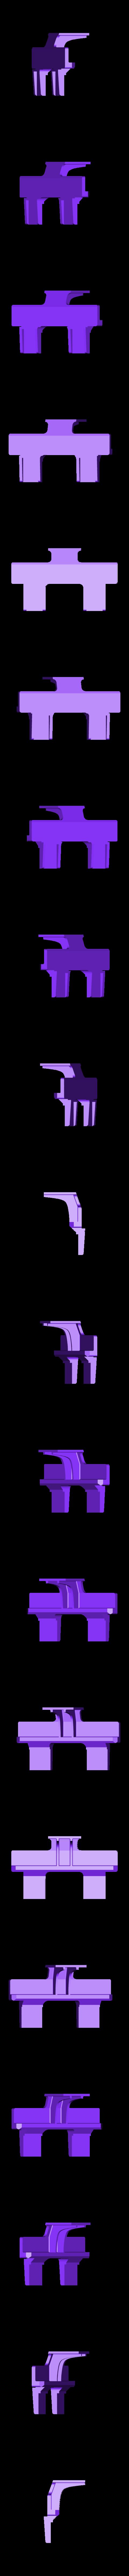 Front_Step_Bracket_-_Front.STL Download free STL file 4-8-8-4 Big Boy Locomotive • 3D printer object, RaymondDeLuca